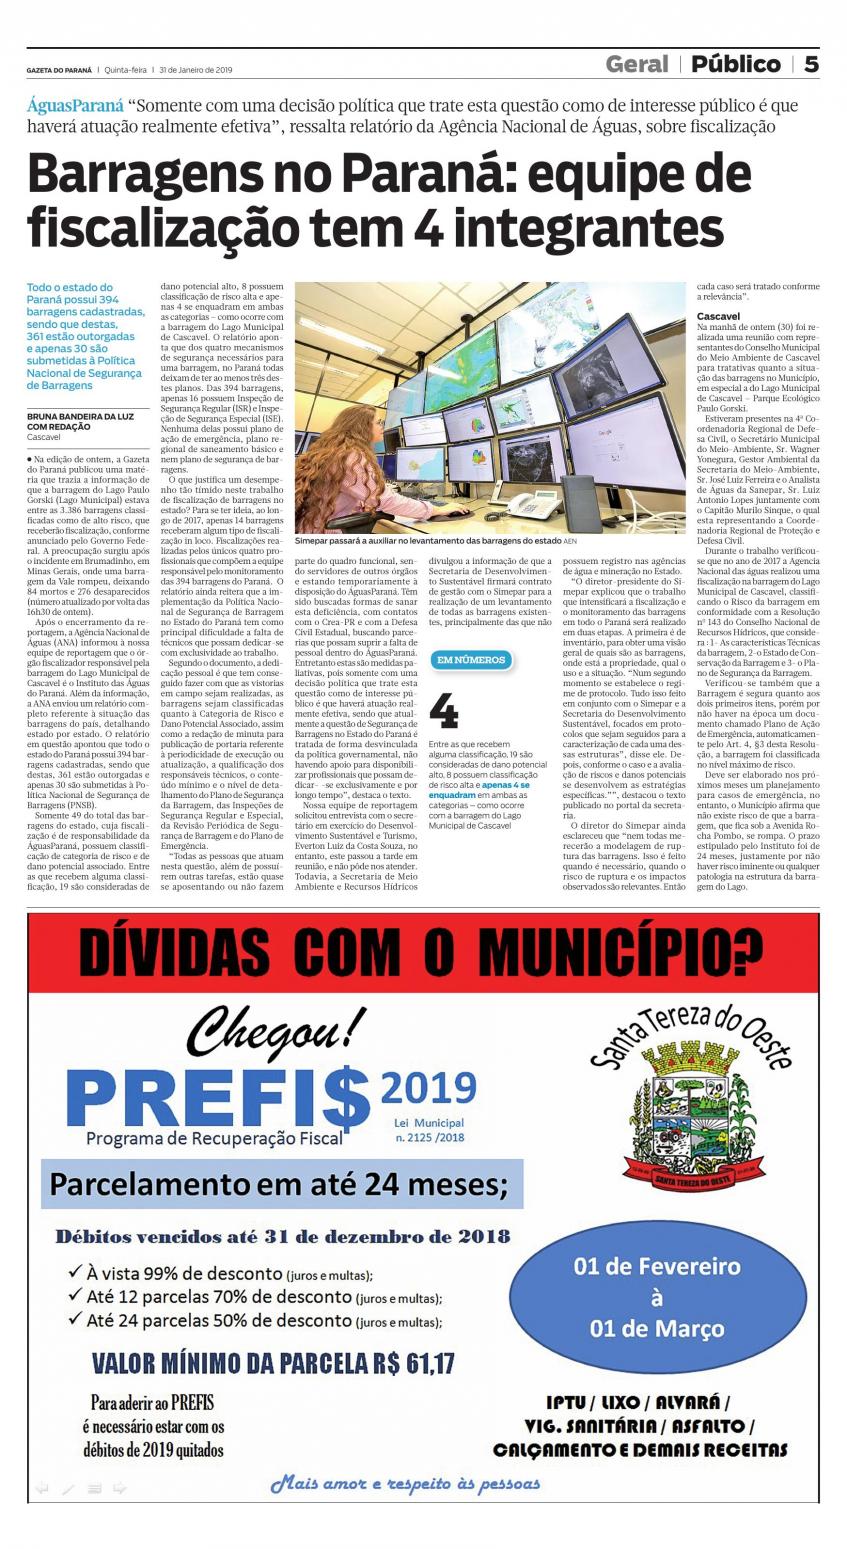 #PraTodosVerem - Matéria que fala sobre a questão das barragens do paraná terem quatro fiscalizadores